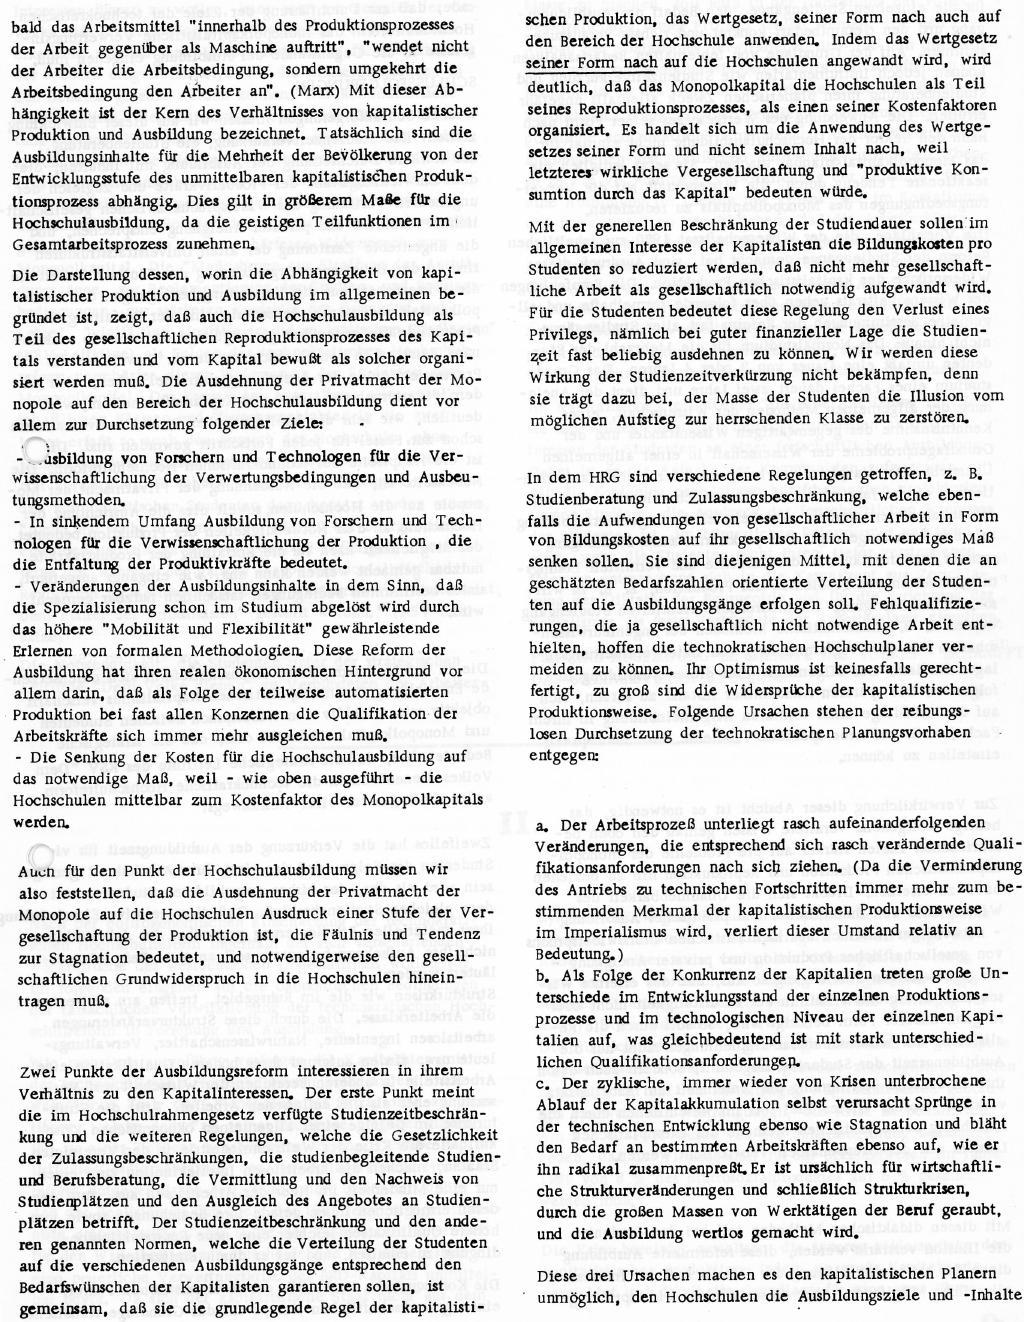 RPK_1971_120_07